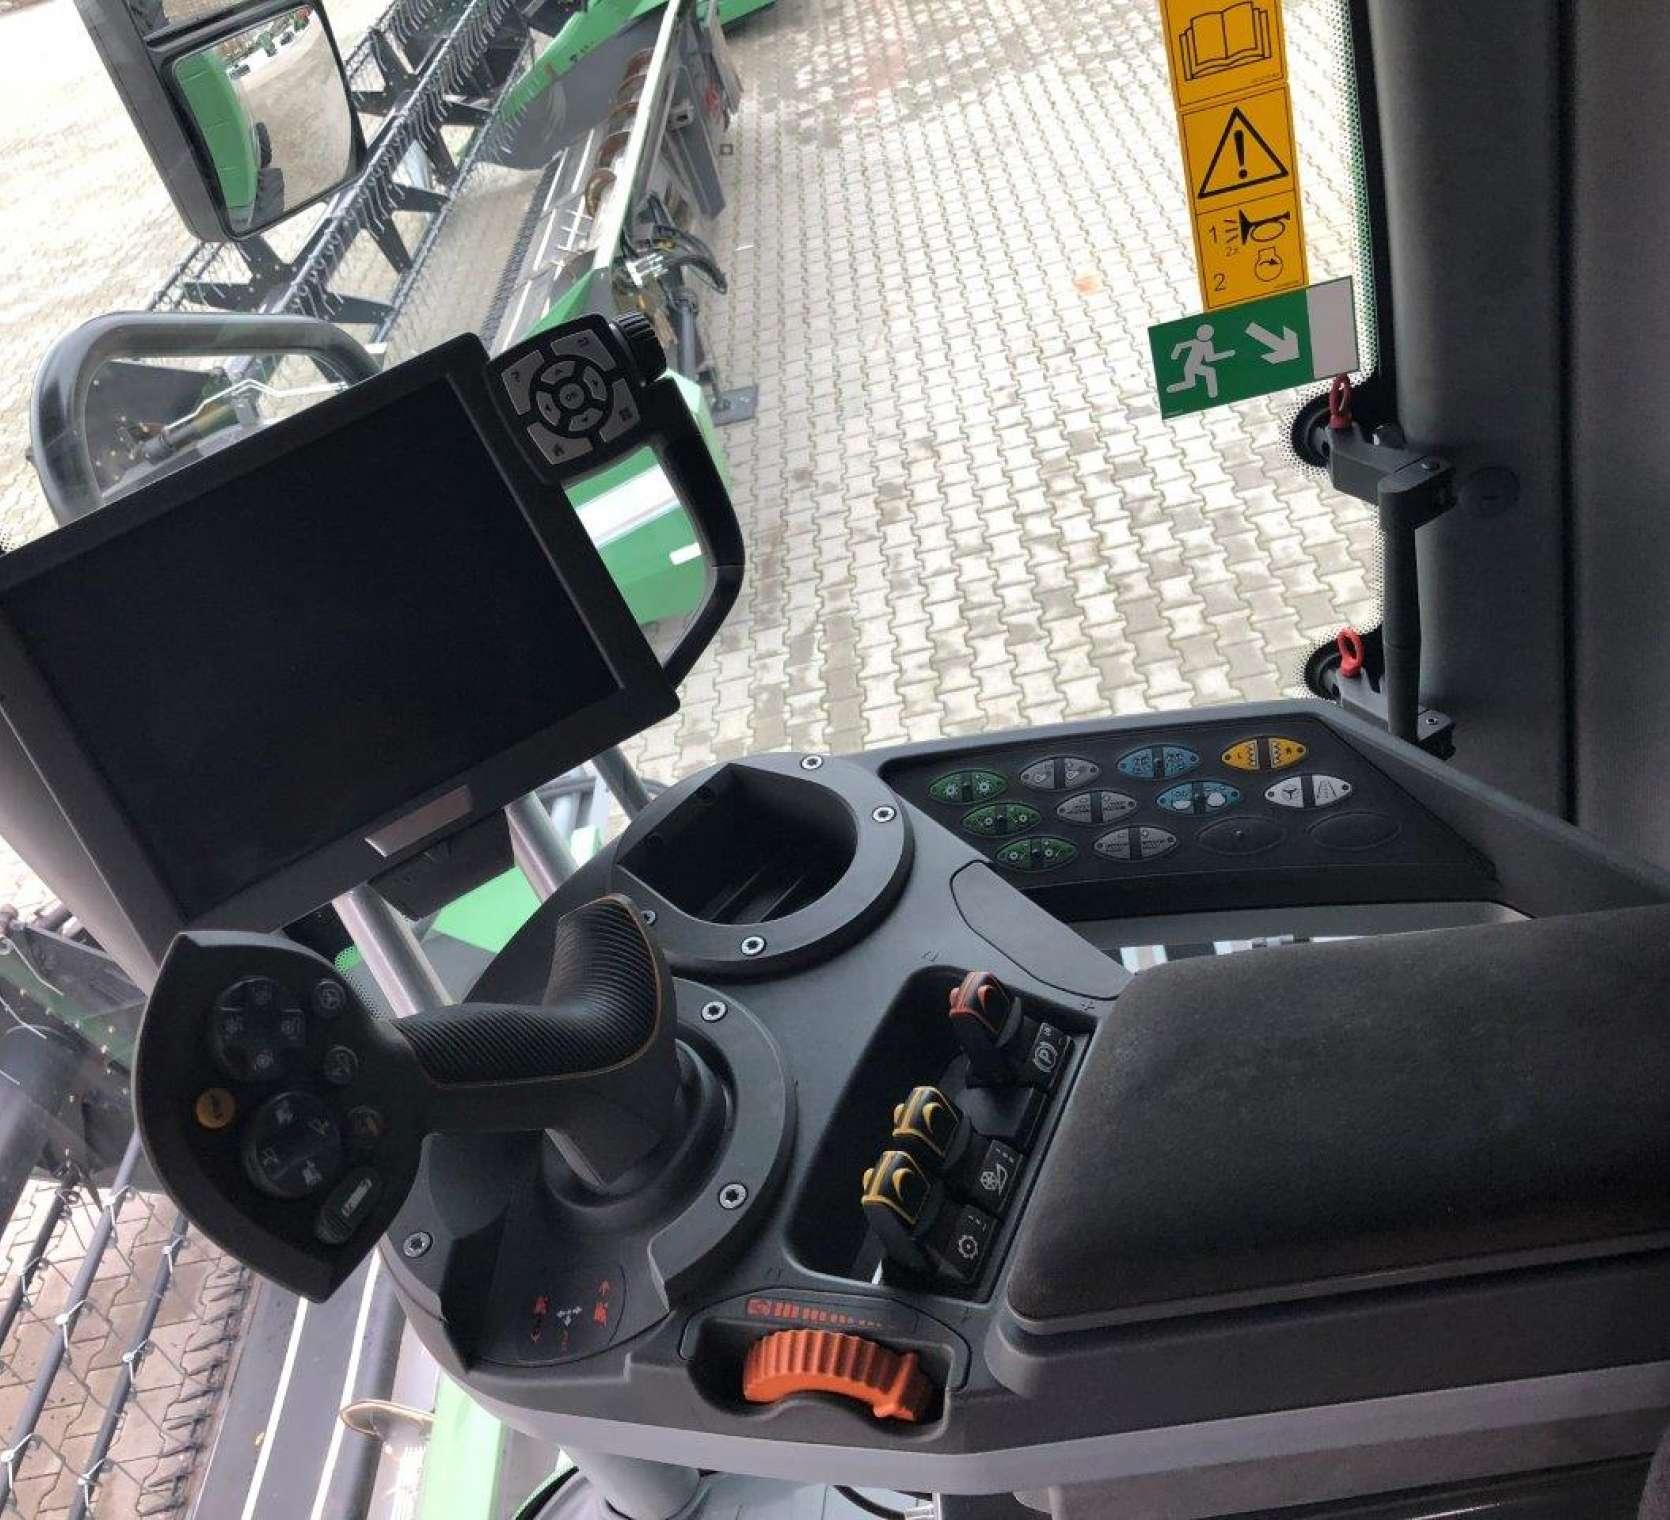 Wnętrze komfortowej kabiny kombajnu zbożowego 6335 C widok z góry na panel strerujący